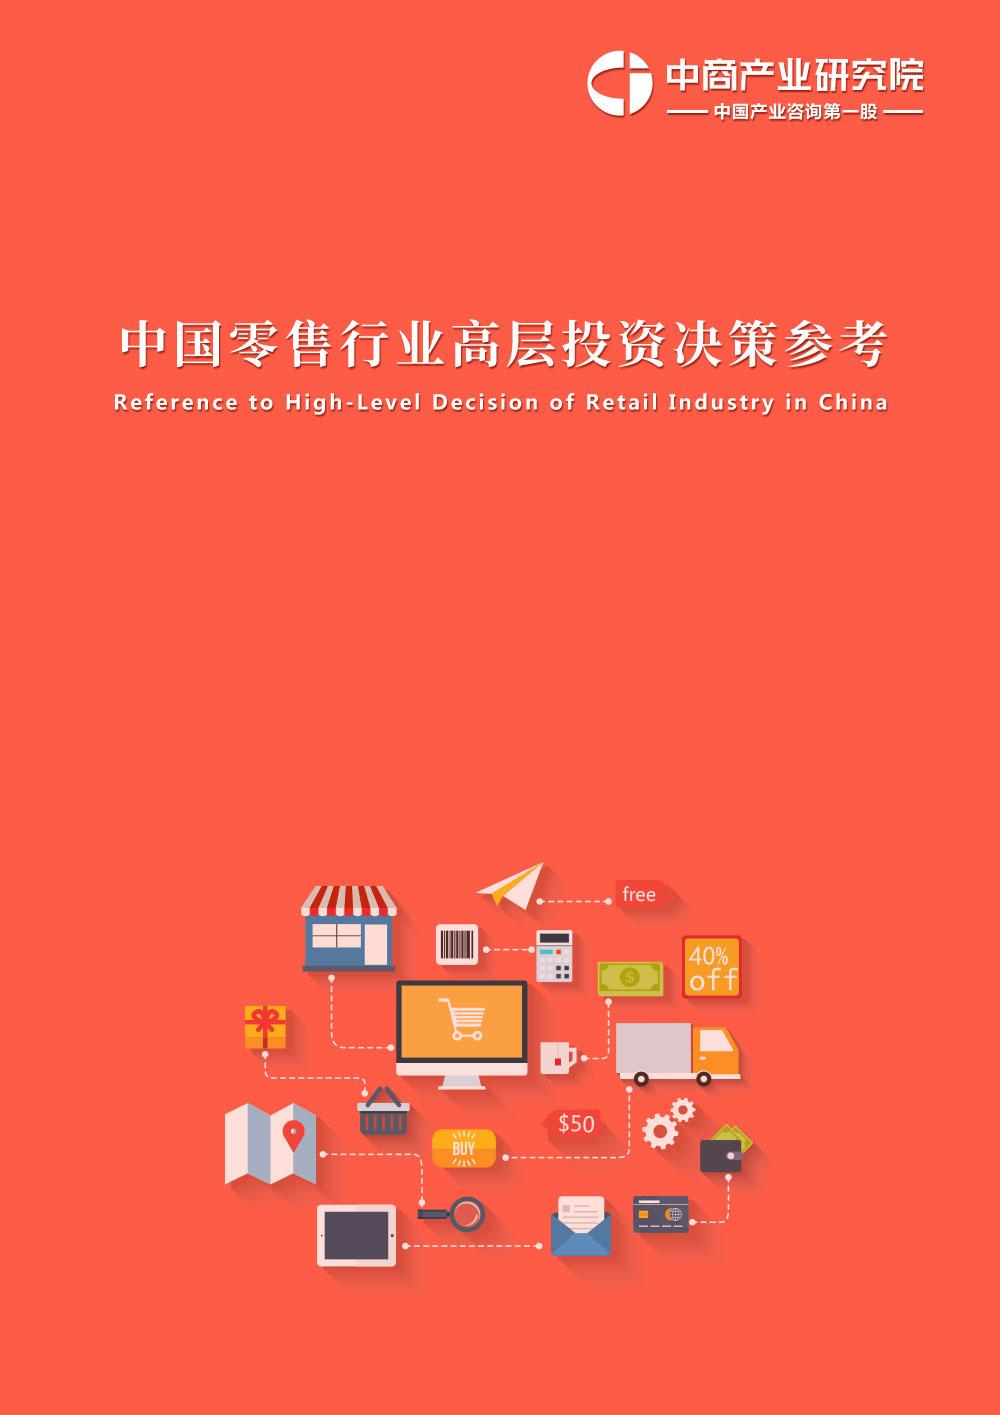 中国零售消费行业投资决策参考(2020年6月)